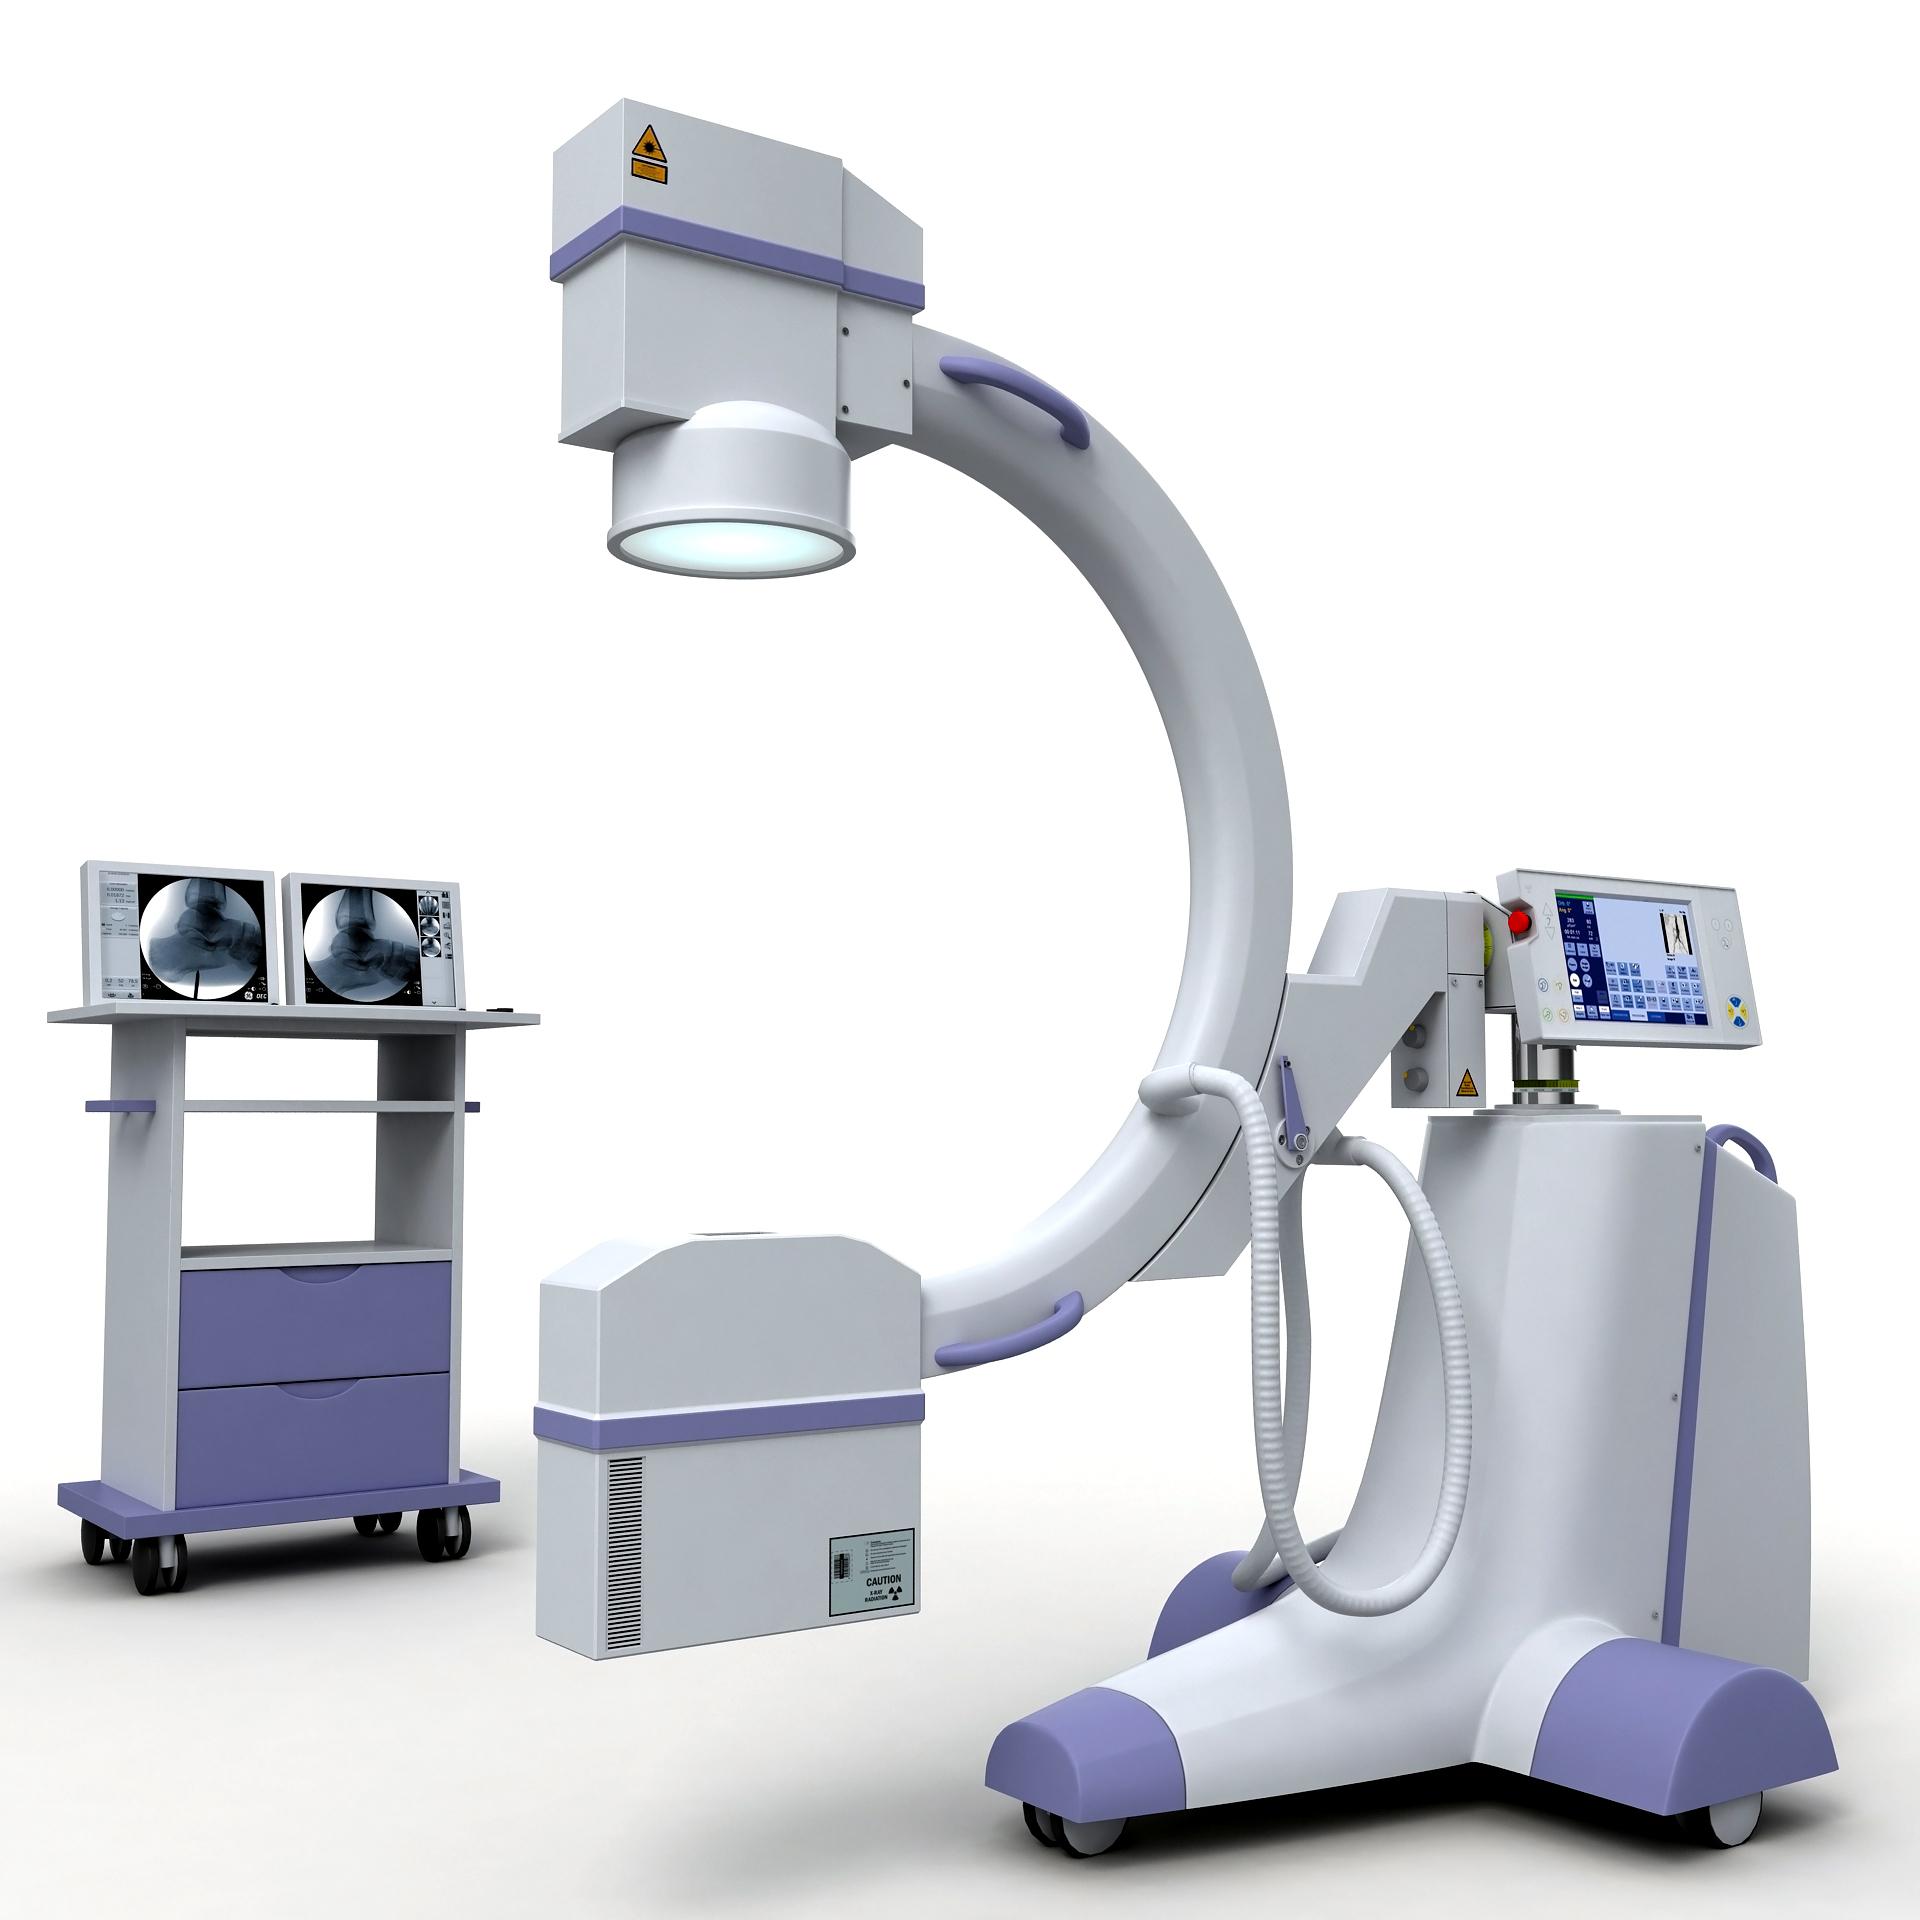 rendgen-aparat